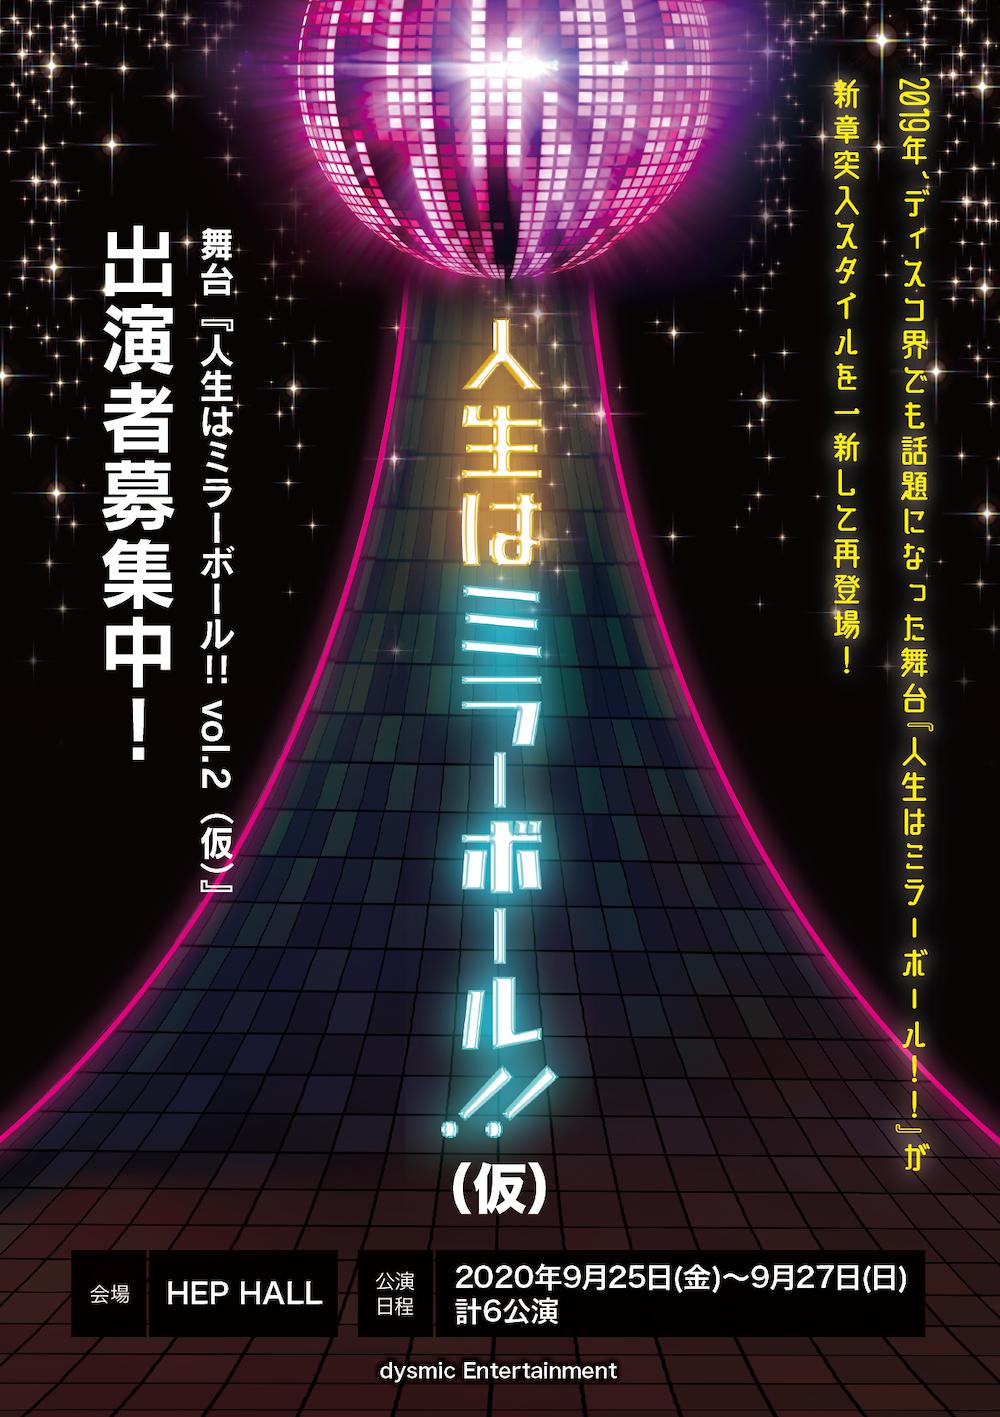 オーディション [大阪]舞台「人生はミラーボール!!vol.2(仮)」出演者募集 スタイルを一新して再登場 主催:dysmic Entertainment、カテゴリ:舞台